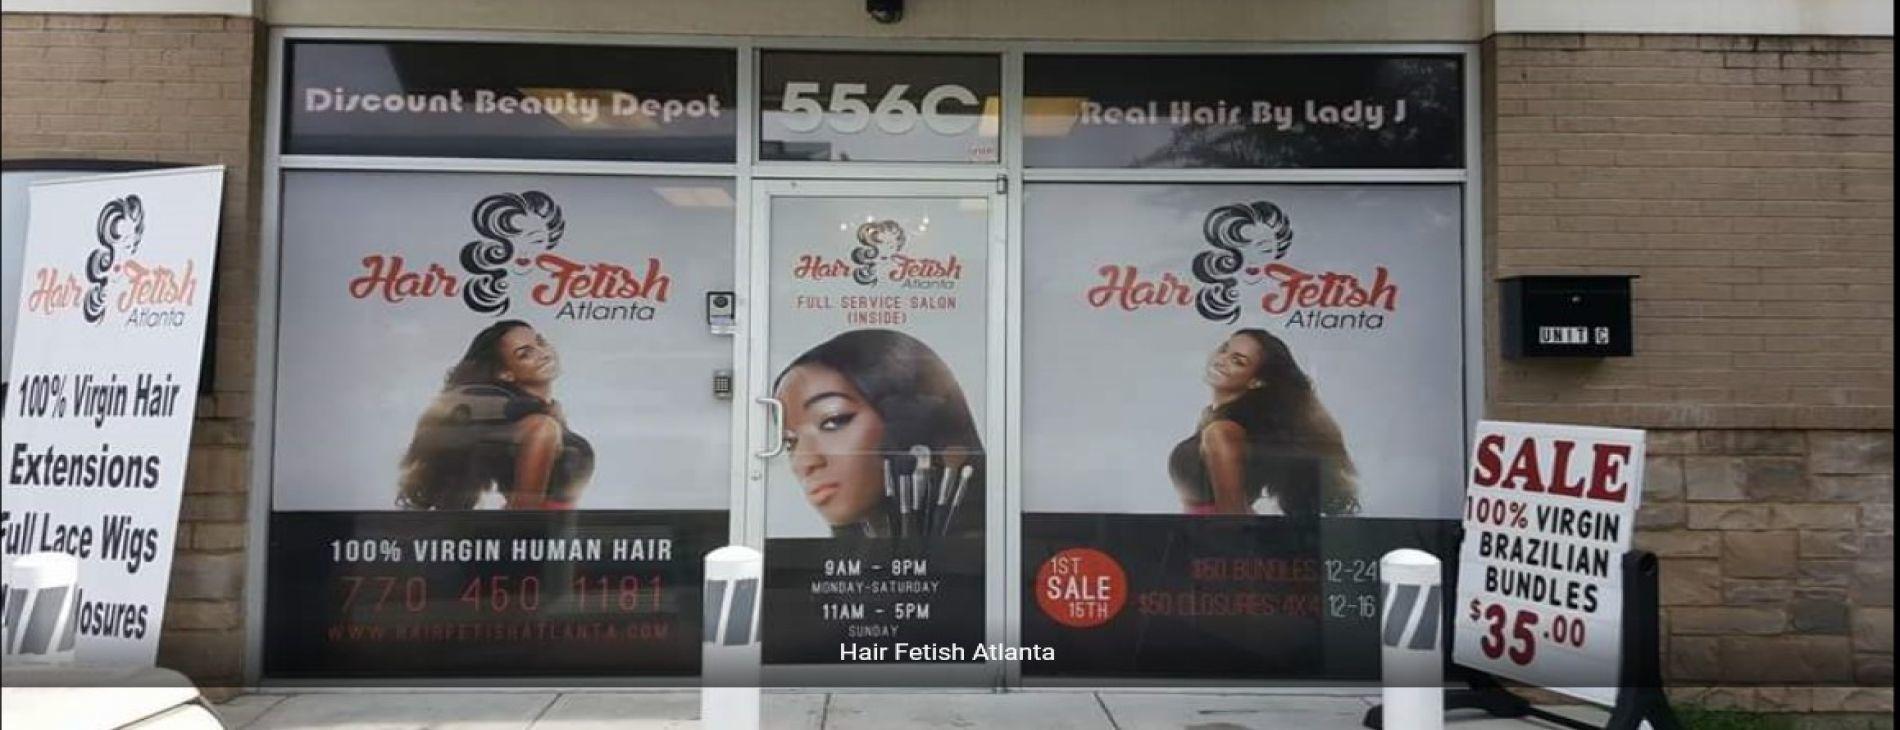 1 100 Virgin Human Hair Store In Atlanta